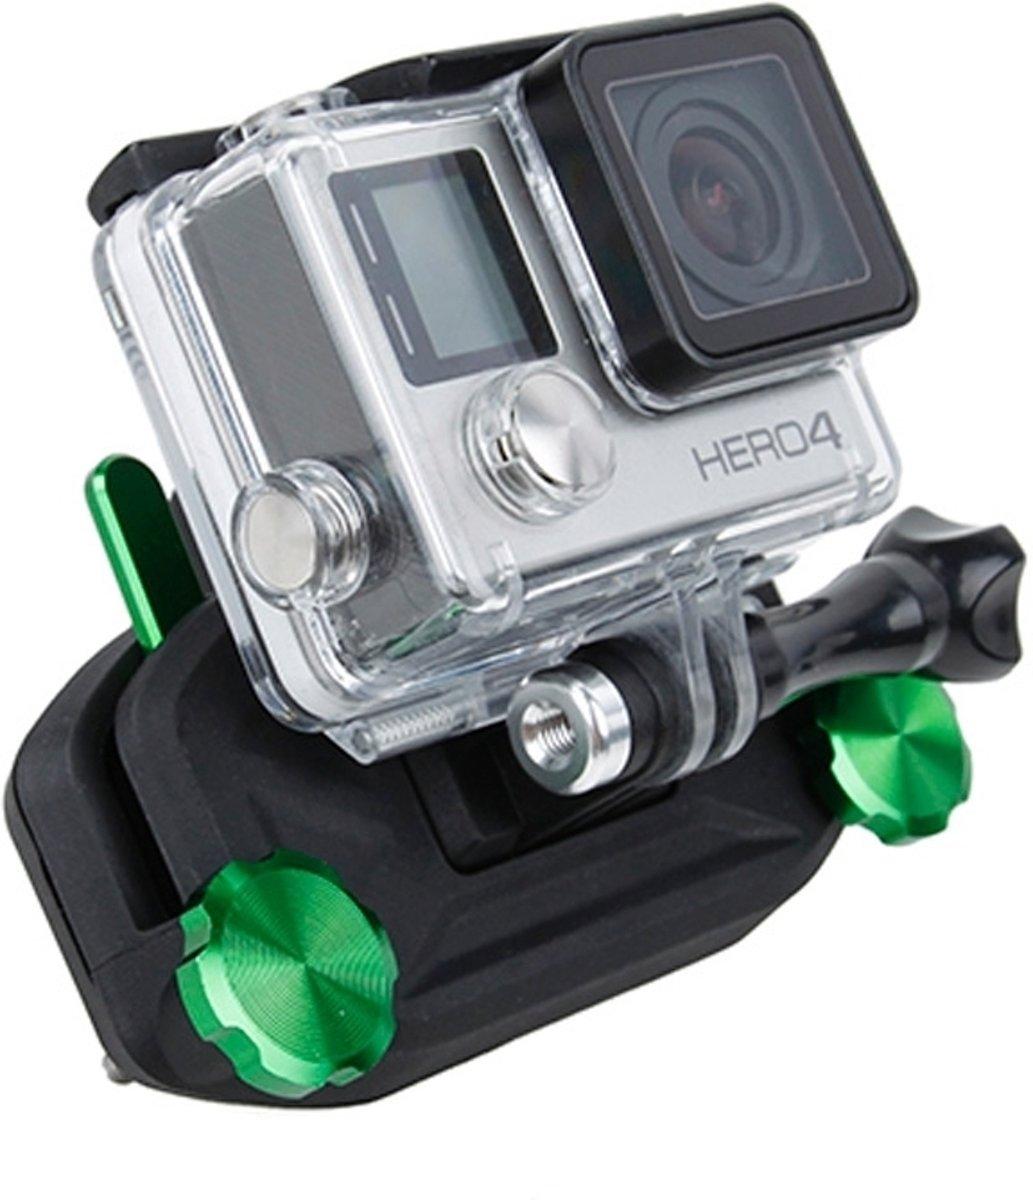 TMC HR331 Universele riemgesp Opknoping Quickdraw Strap Mount-set voor GoPro NIEUWE HERO / HERO6 / 5 sessie / 5/4 sessie / 4/3 + / 3/2/1, andere sportcamera's (groen)- kopen